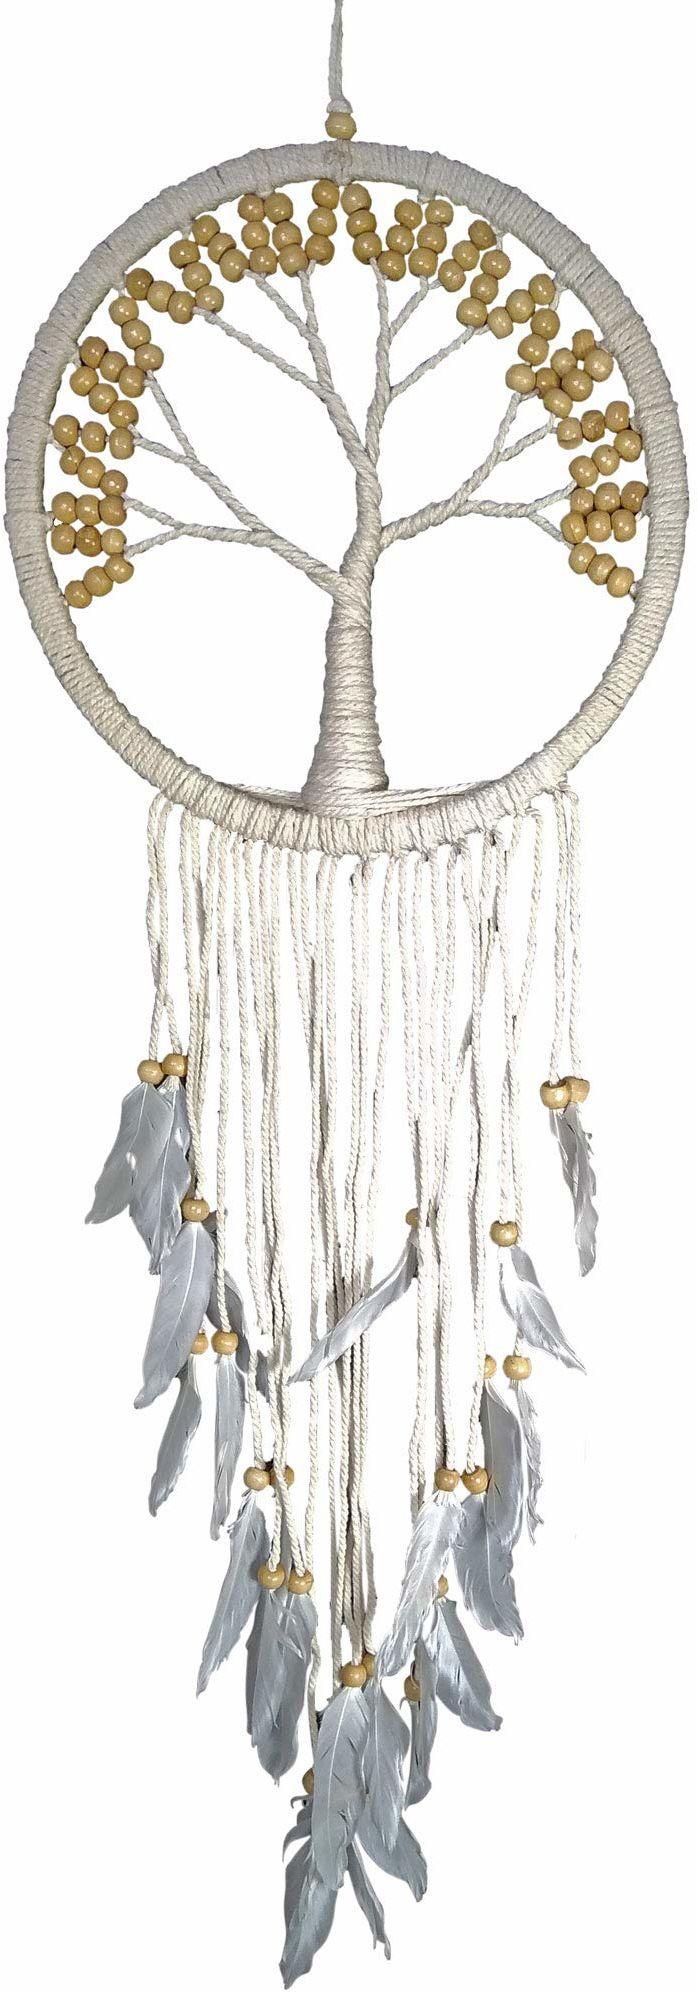 Asiastyle DC-TREEOL01-027WH-NA łapacz snów, biały, naturalny, 27 cm